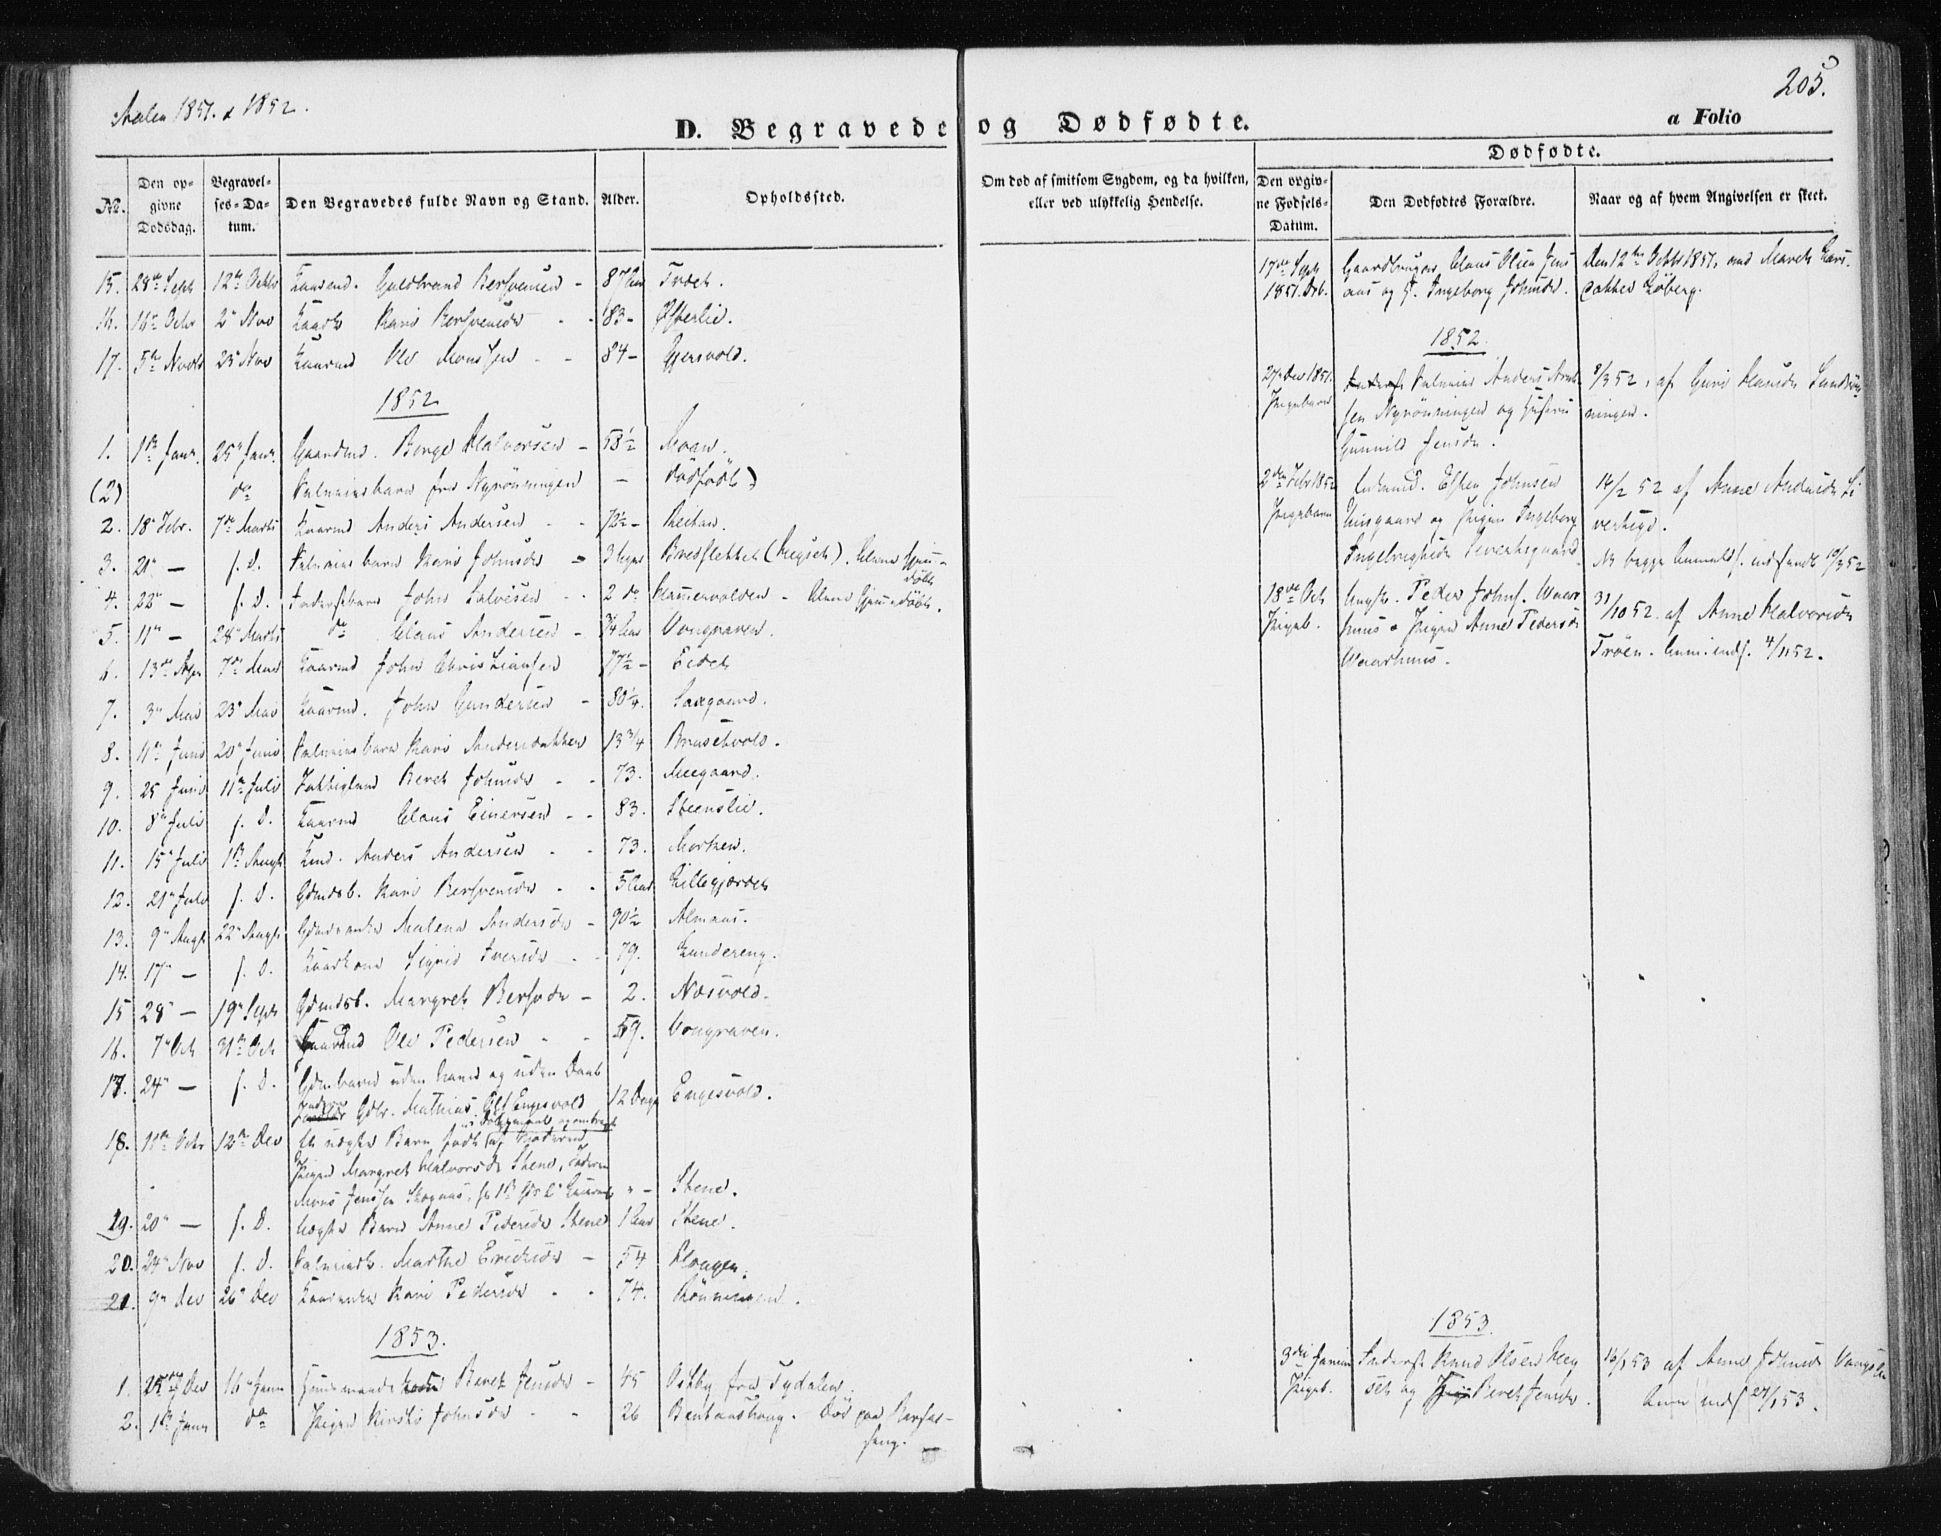 SAT, Ministerialprotokoller, klokkerbøker og fødselsregistre - Sør-Trøndelag, 685/L0965: Ministerialbok nr. 685A06 /3, 1846-1859, s. 205